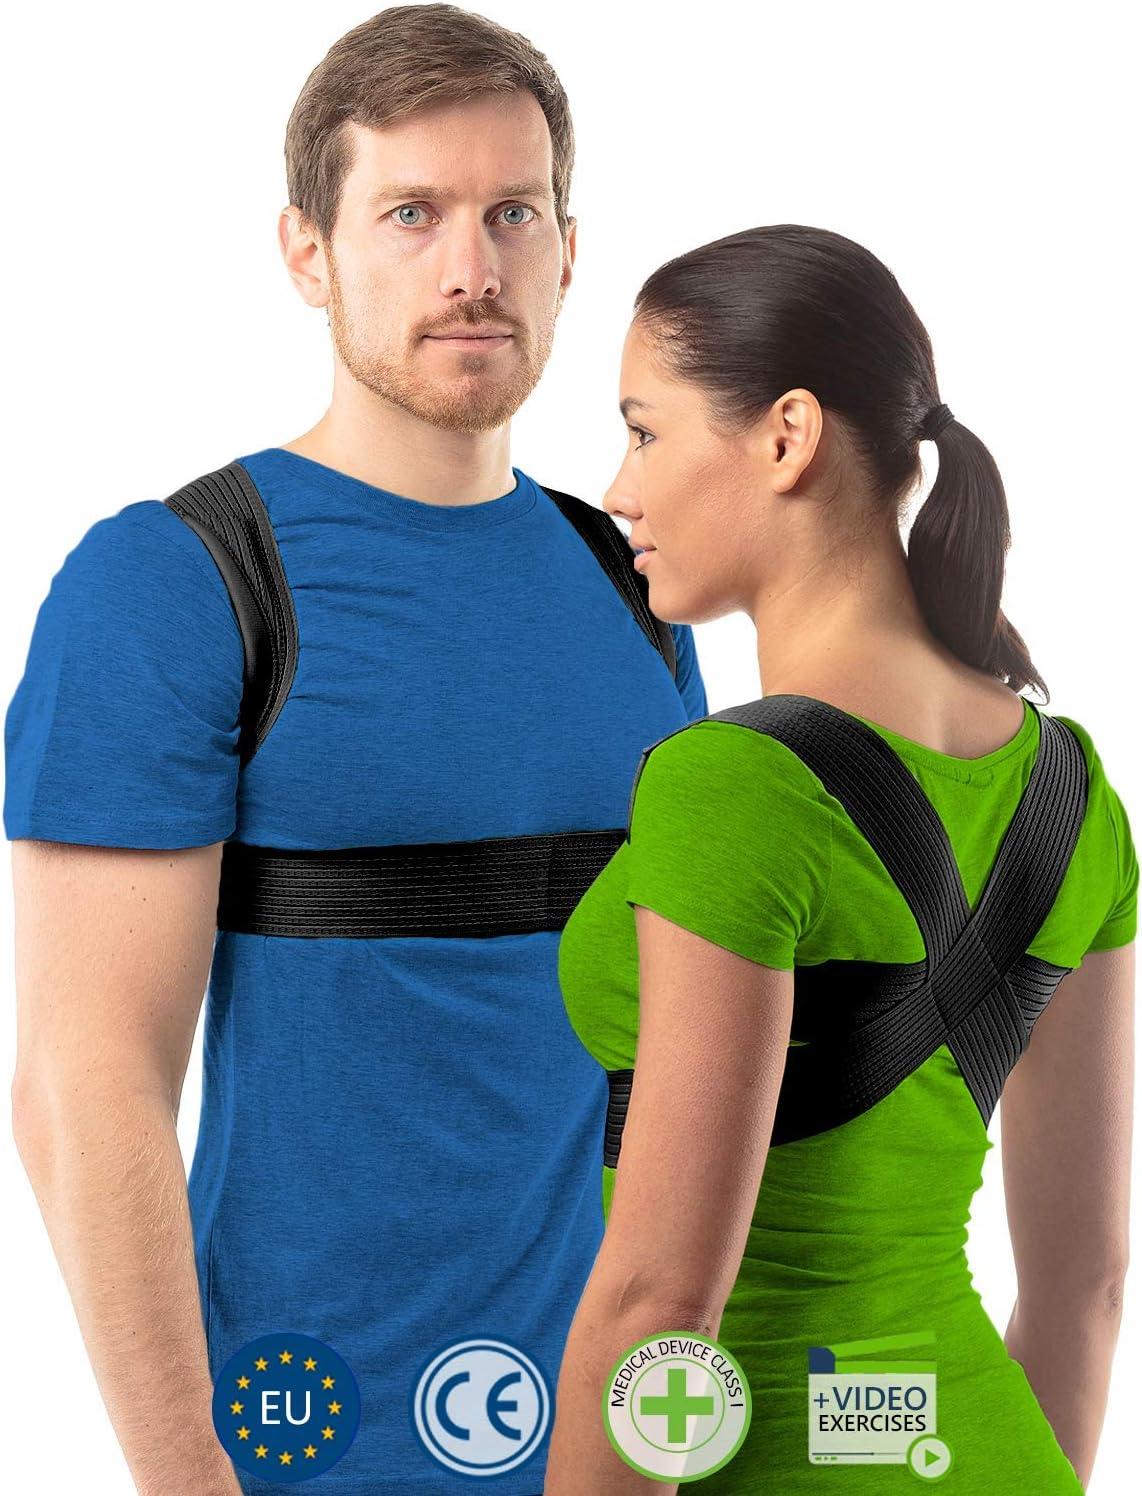 aHeal Corrector de Postura para Hombre y Mujer | Soporte para Corregir la Postura | Corsé Ortopédico para Escoliosis Cifosis | Alivio del Dolor de Espalda y Corrector de Mala Postura | Talla 2 Negro